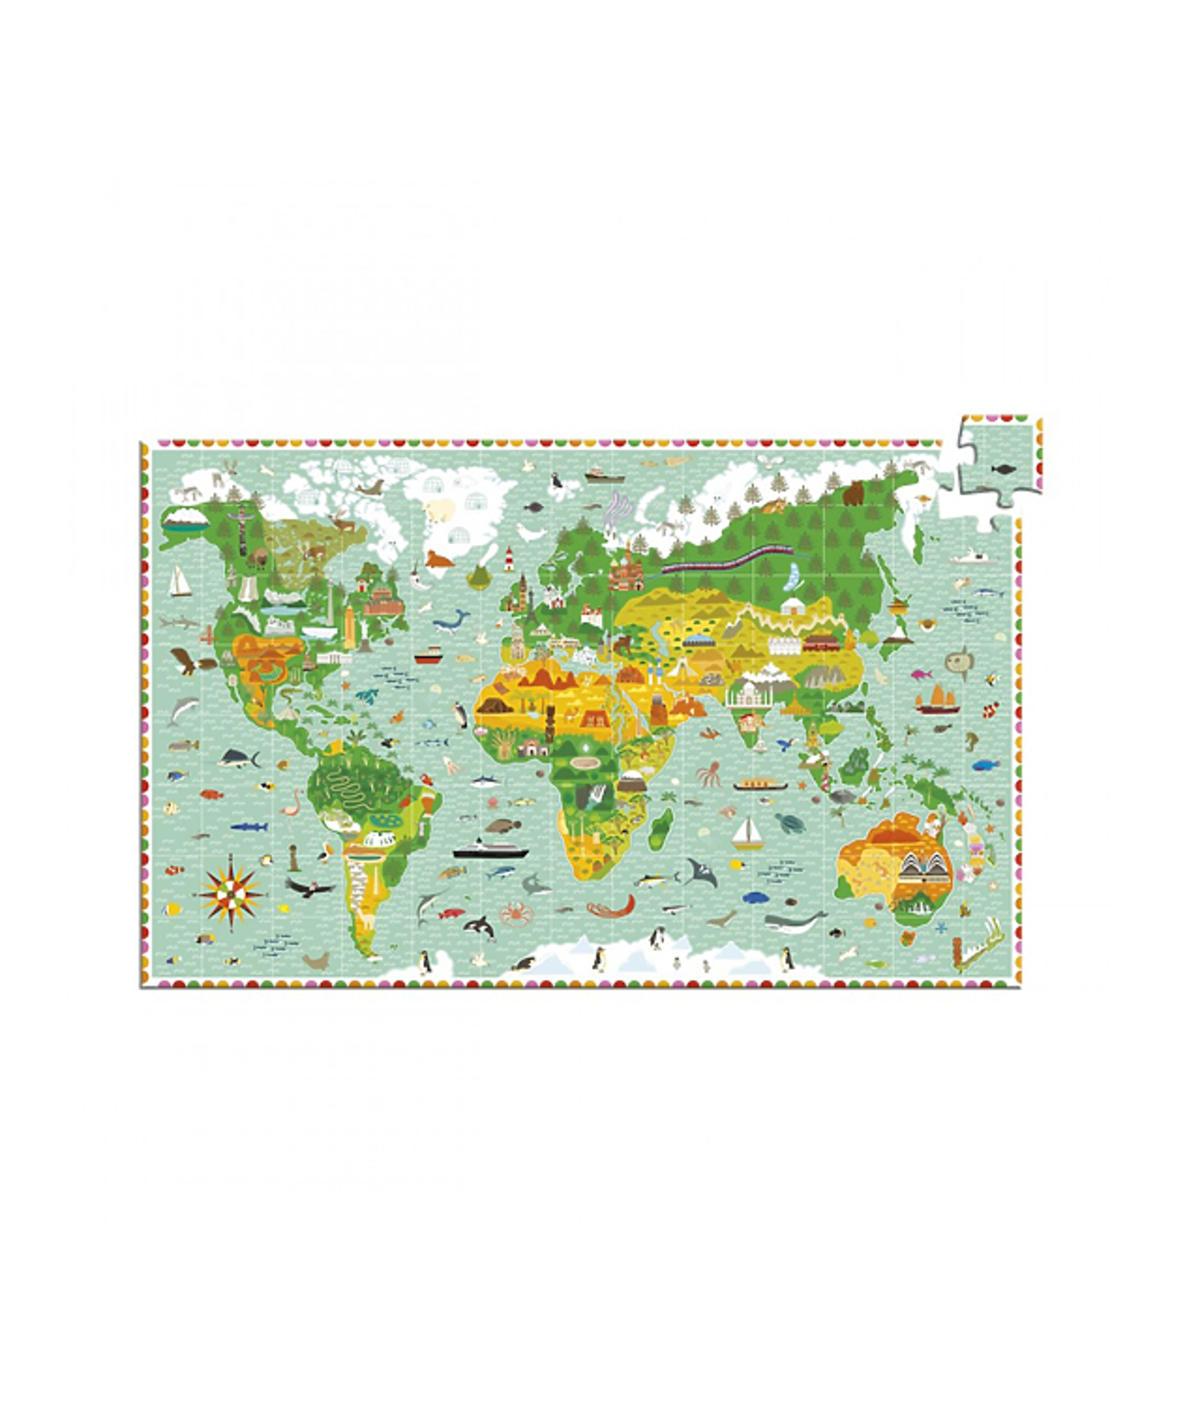 Puzzle z mapą świata, Djeco / Showroom.pl, 75 zł